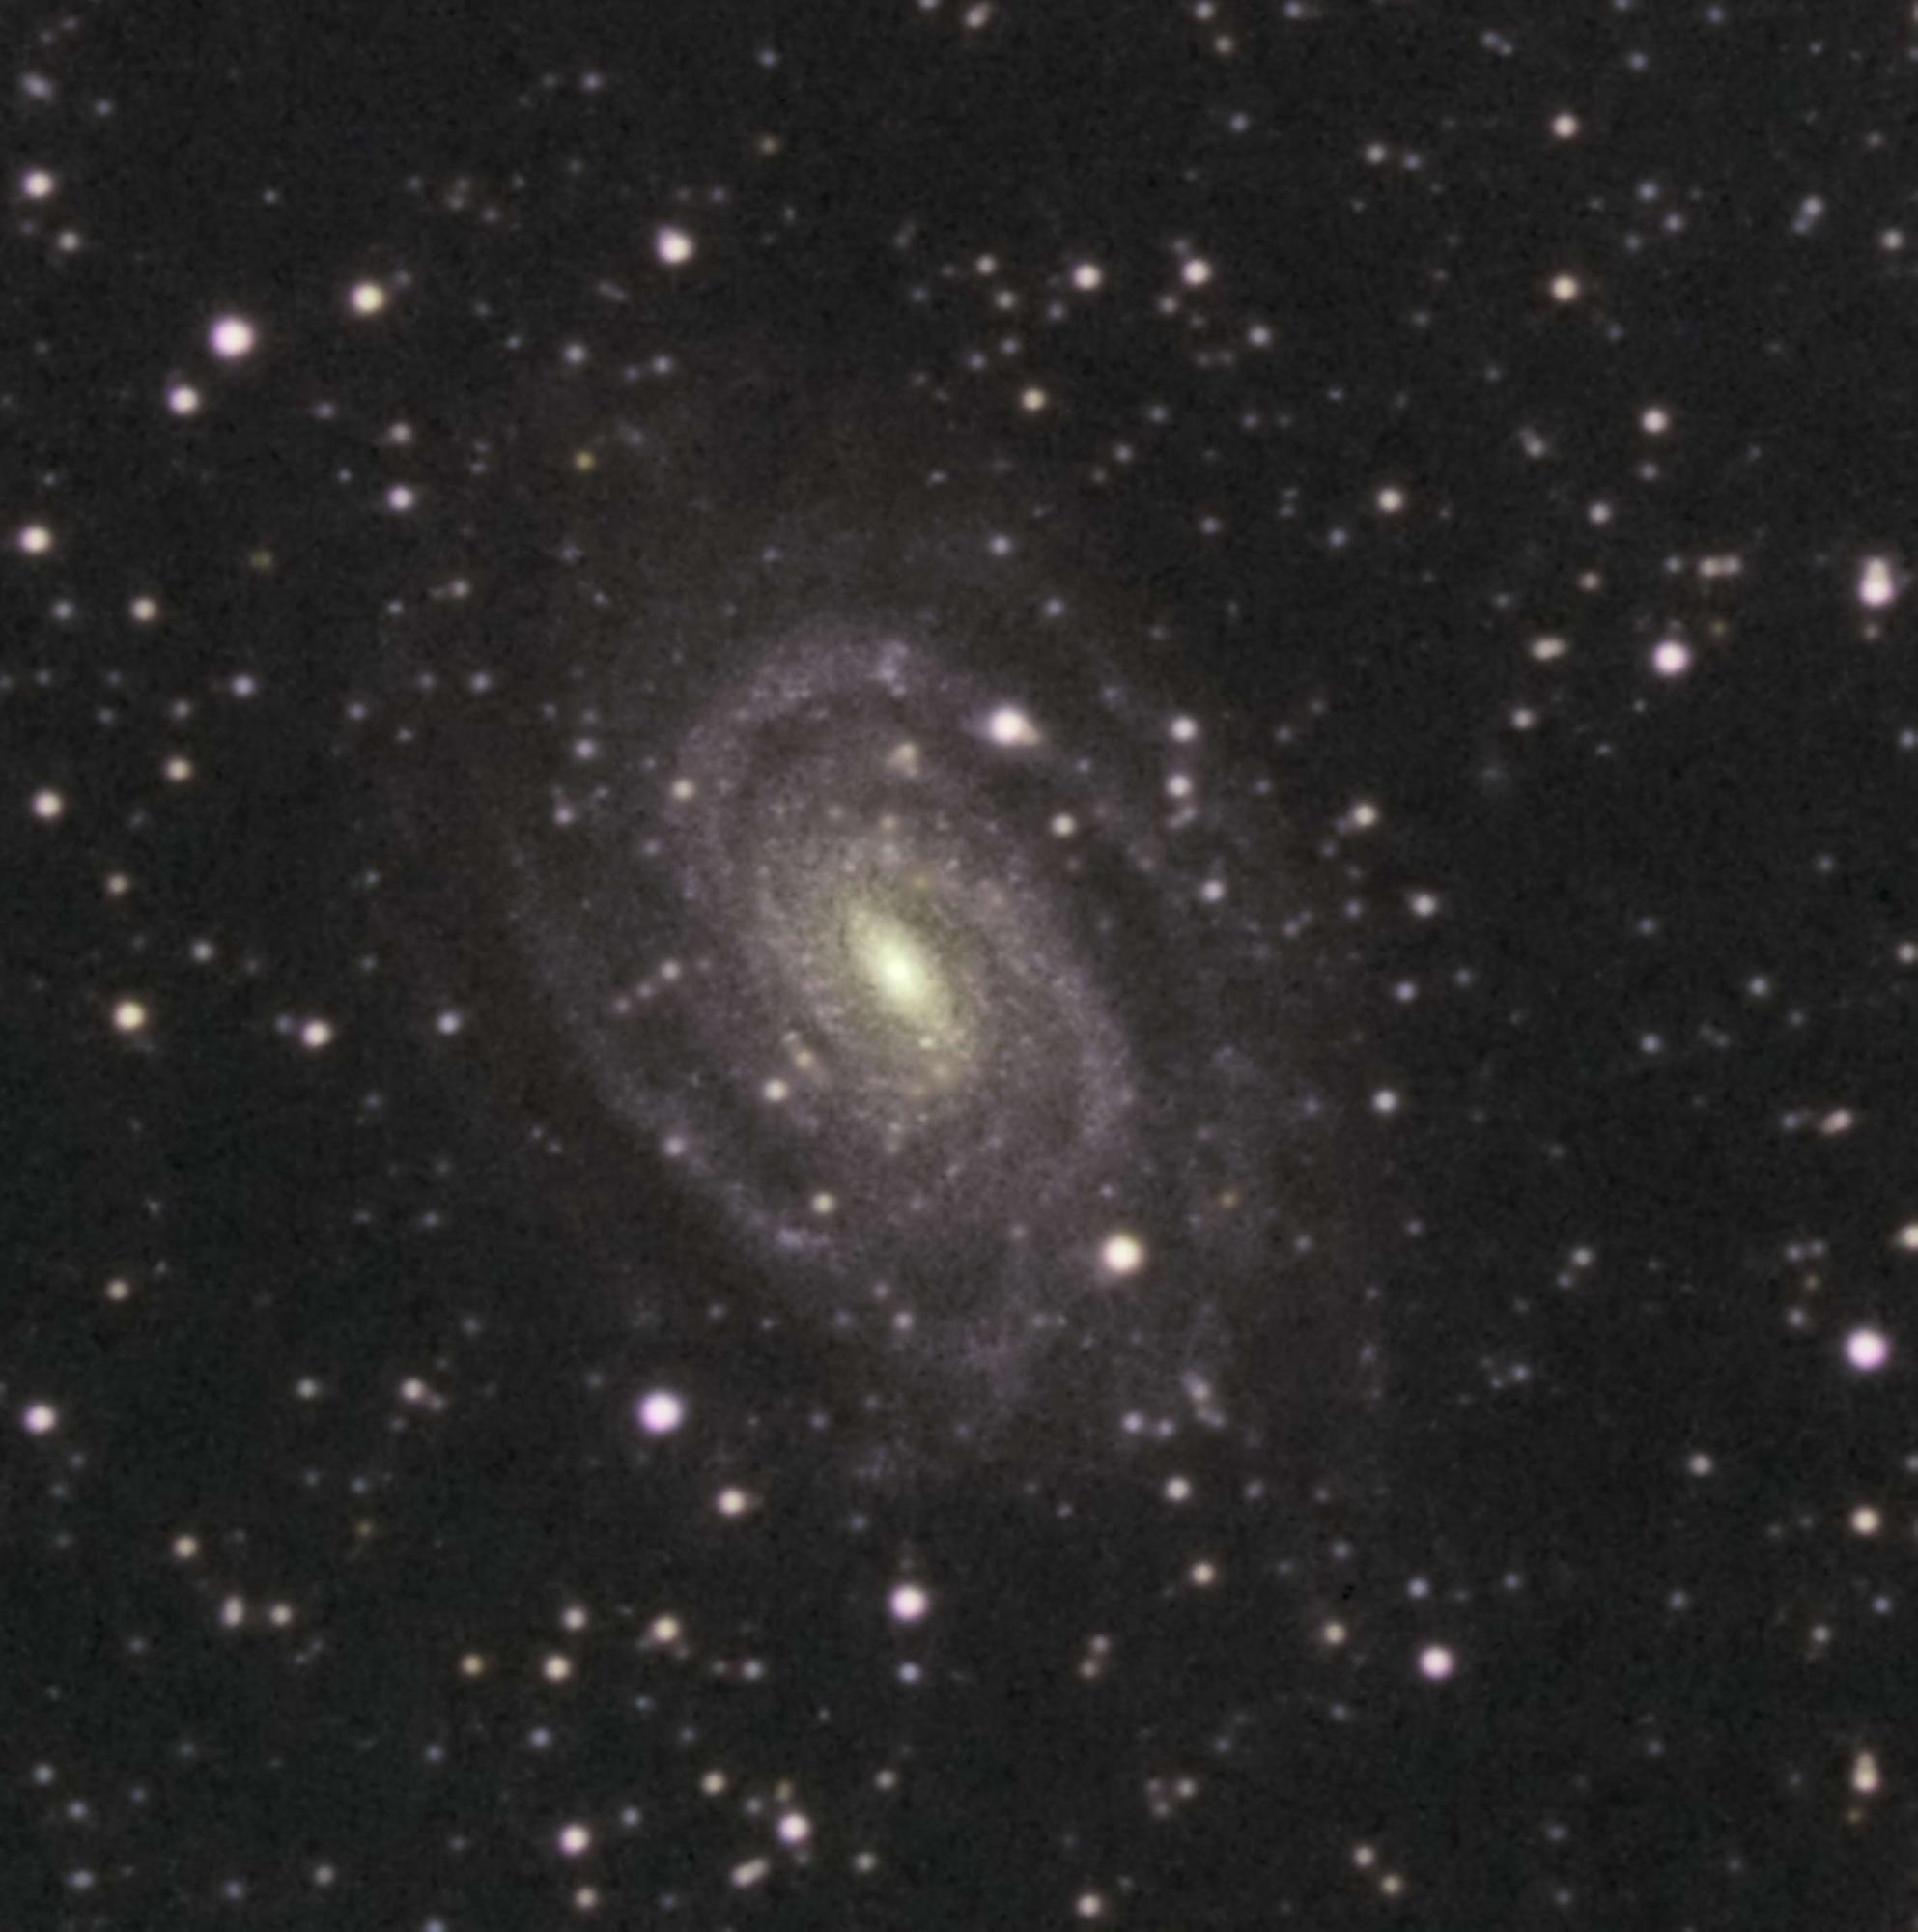 5c1cd5f2f3551_NGC6384croppe.thumb.jpg.abb2cd2ca05ec3a3398ab6a79acccea4.jpg